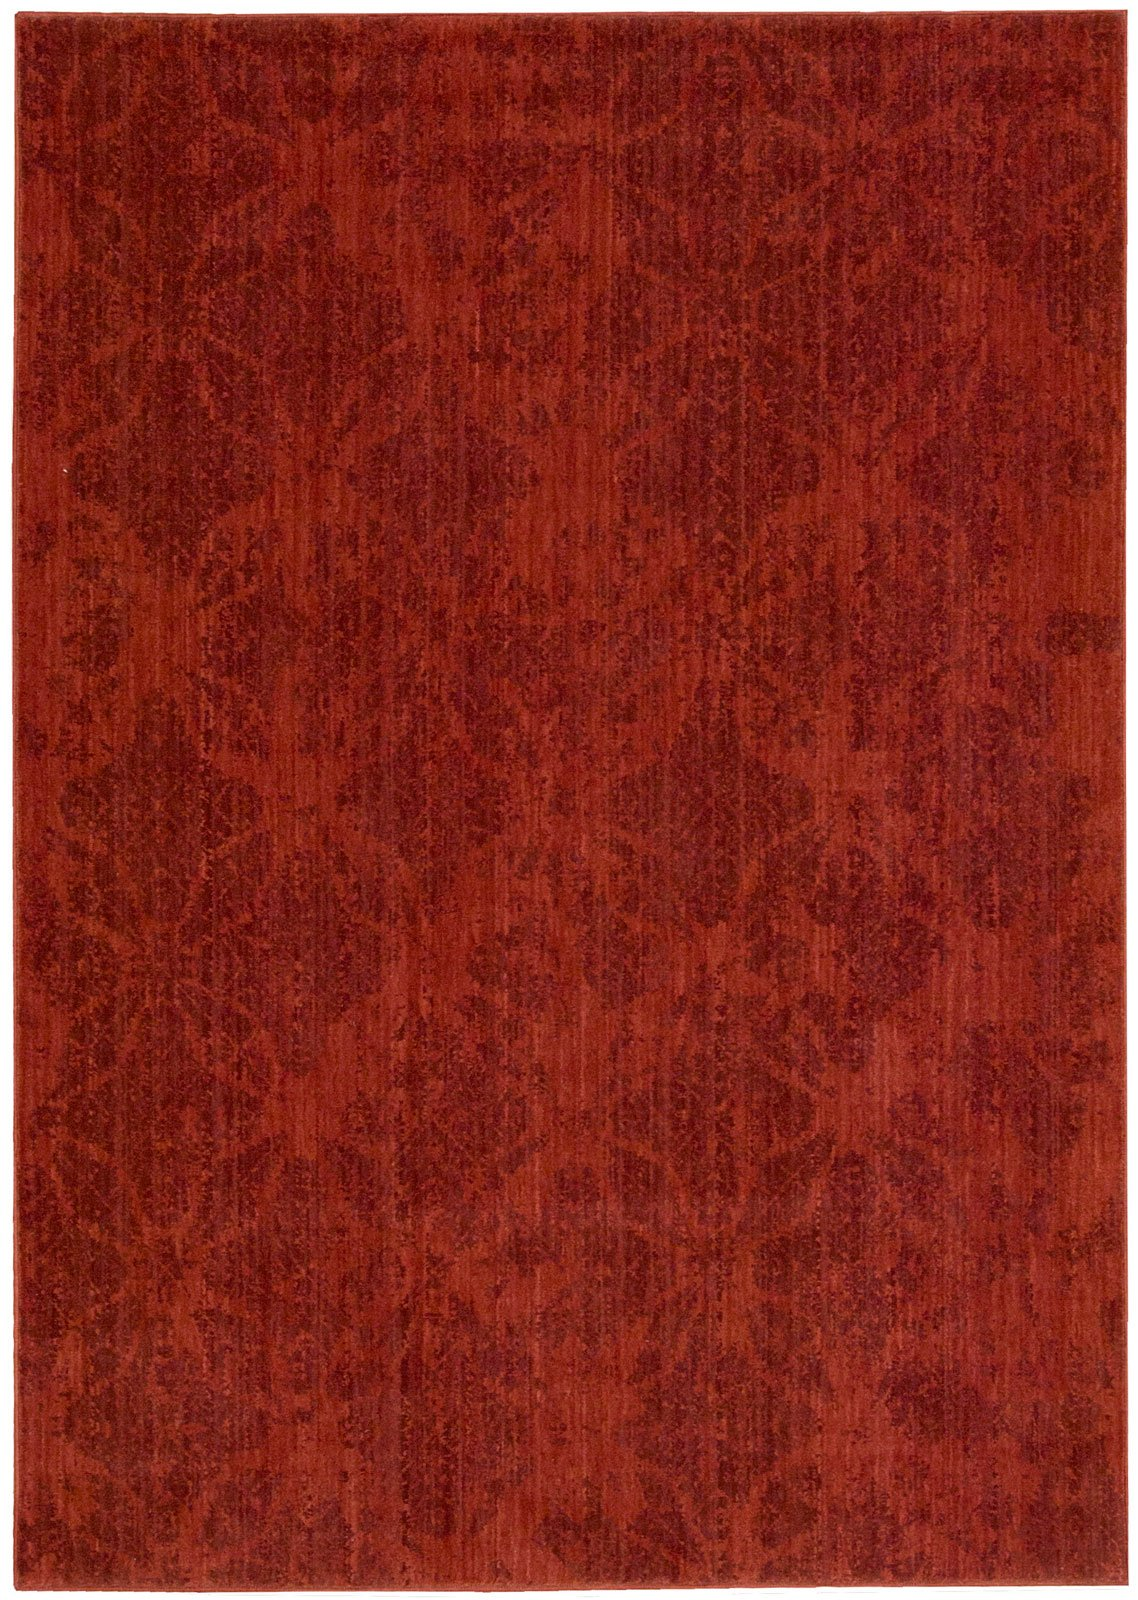 Nuovi tappeti classici new classic o moderni cose di casa - Tappeti da esterno maison du monde ...